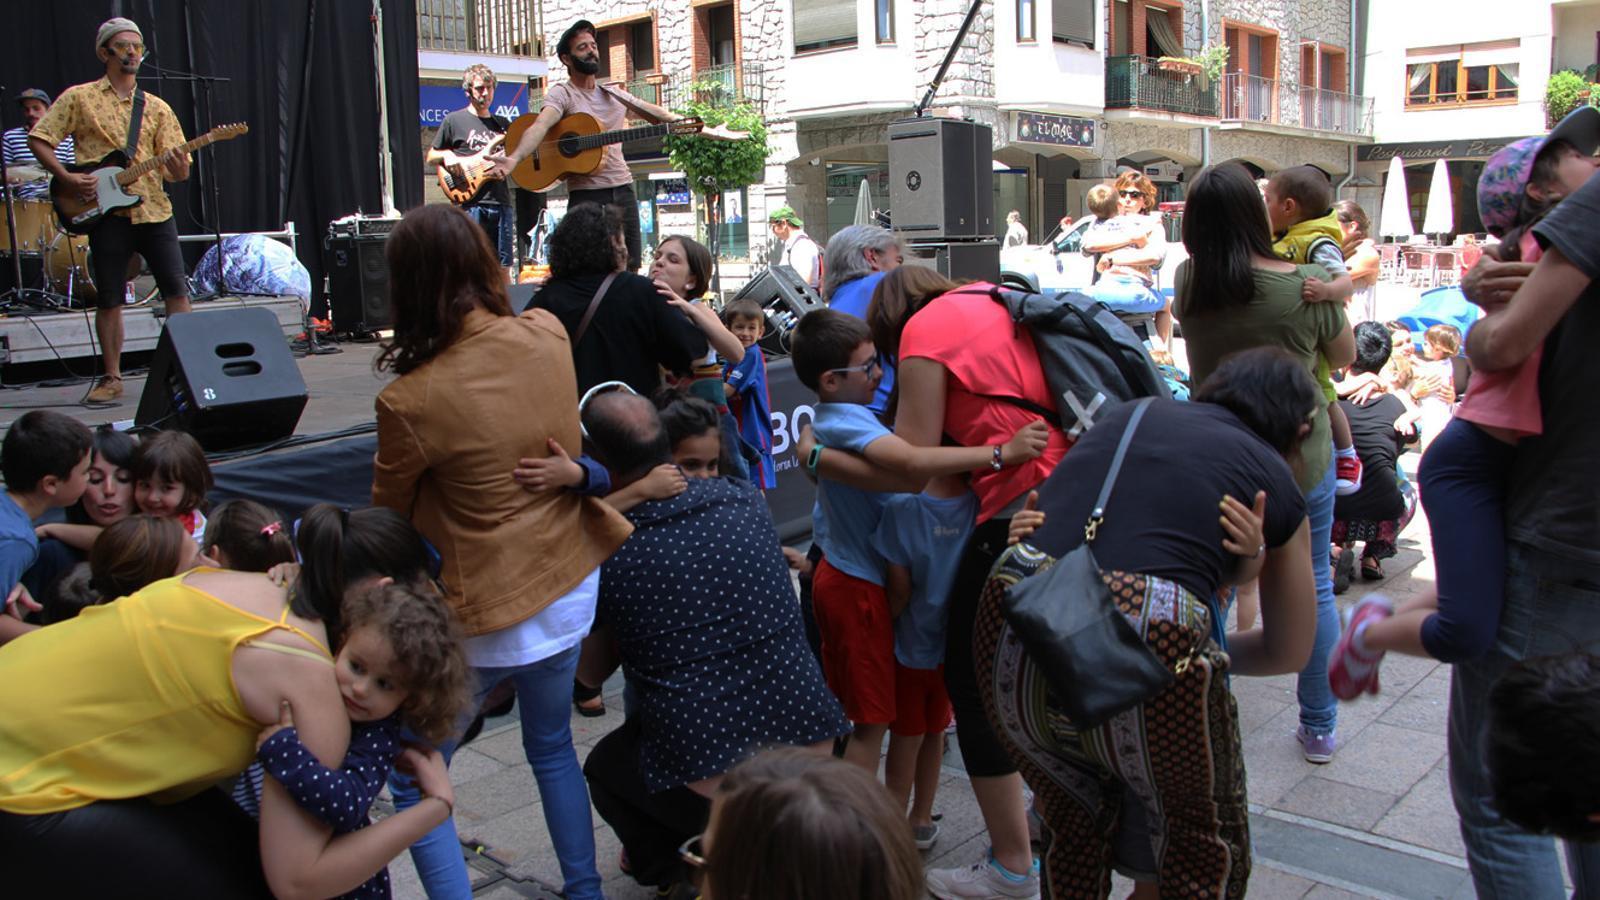 Un moment del Jambo Kids, que s'ha celebrat a la plaça Guillemó. / L. M. (ANA)